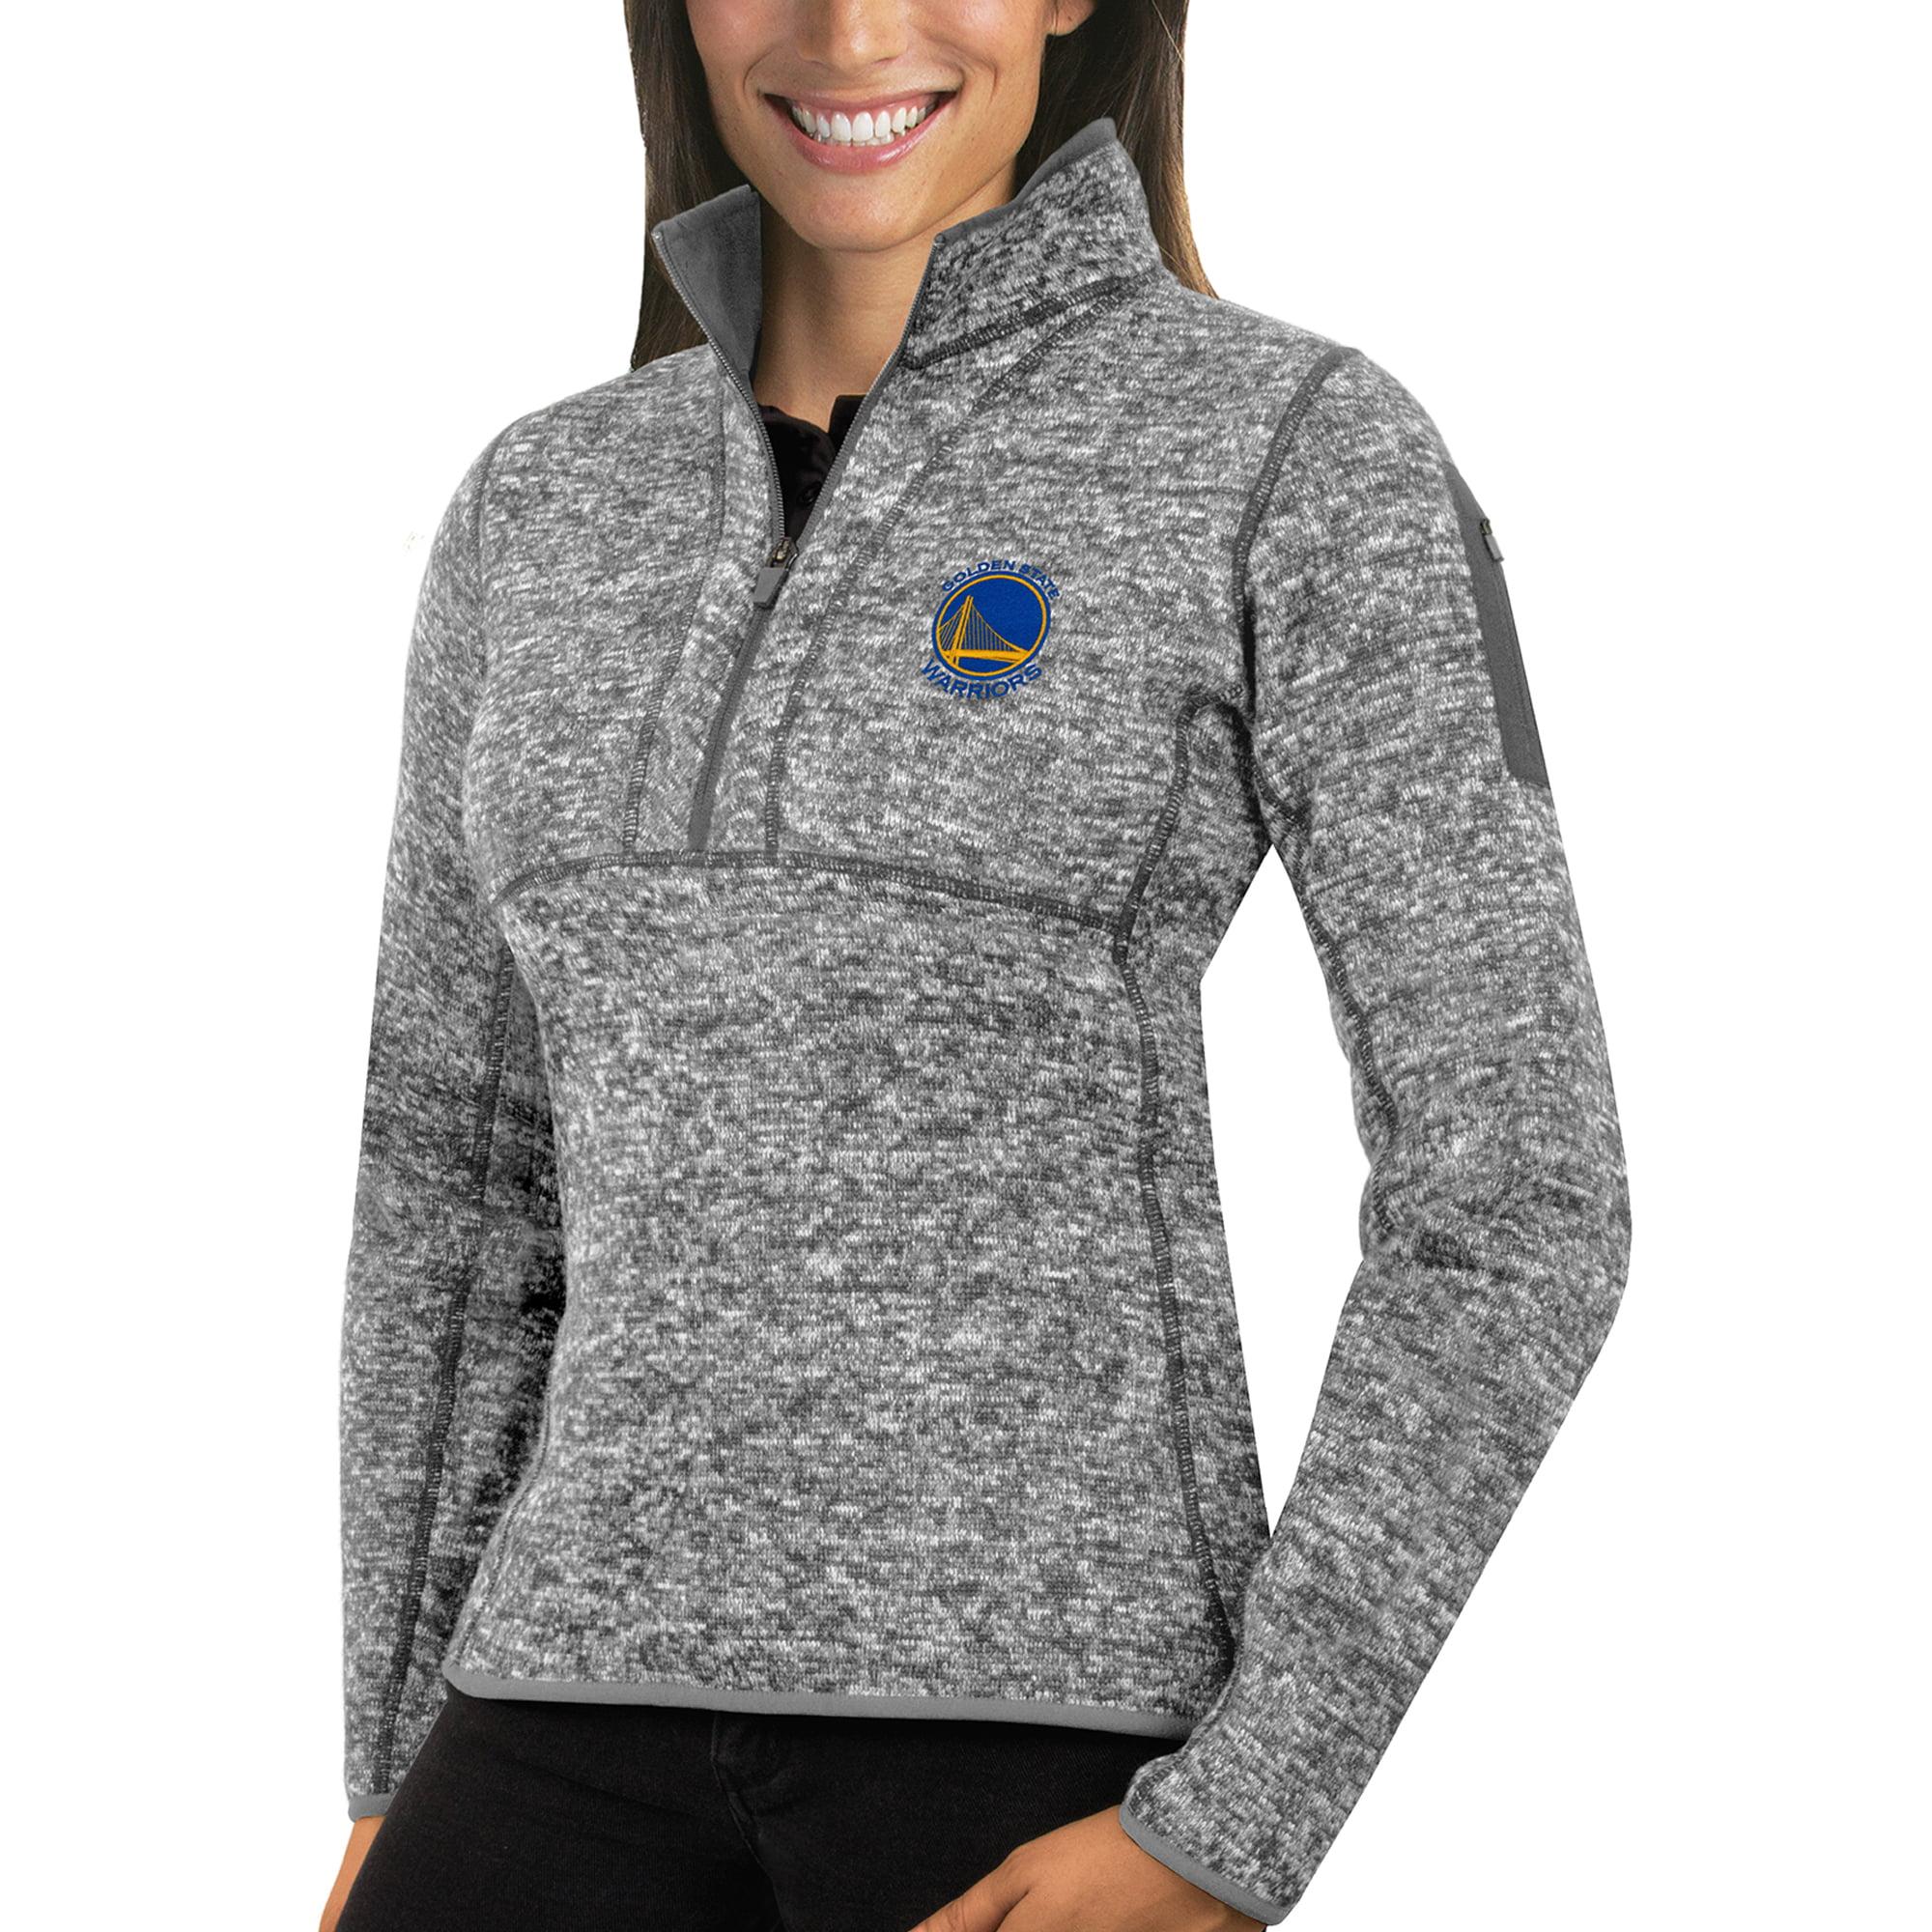 Golden State Warriors Antigua Women's Fortune Half-Zip Pullover Jacket - Heather Gray